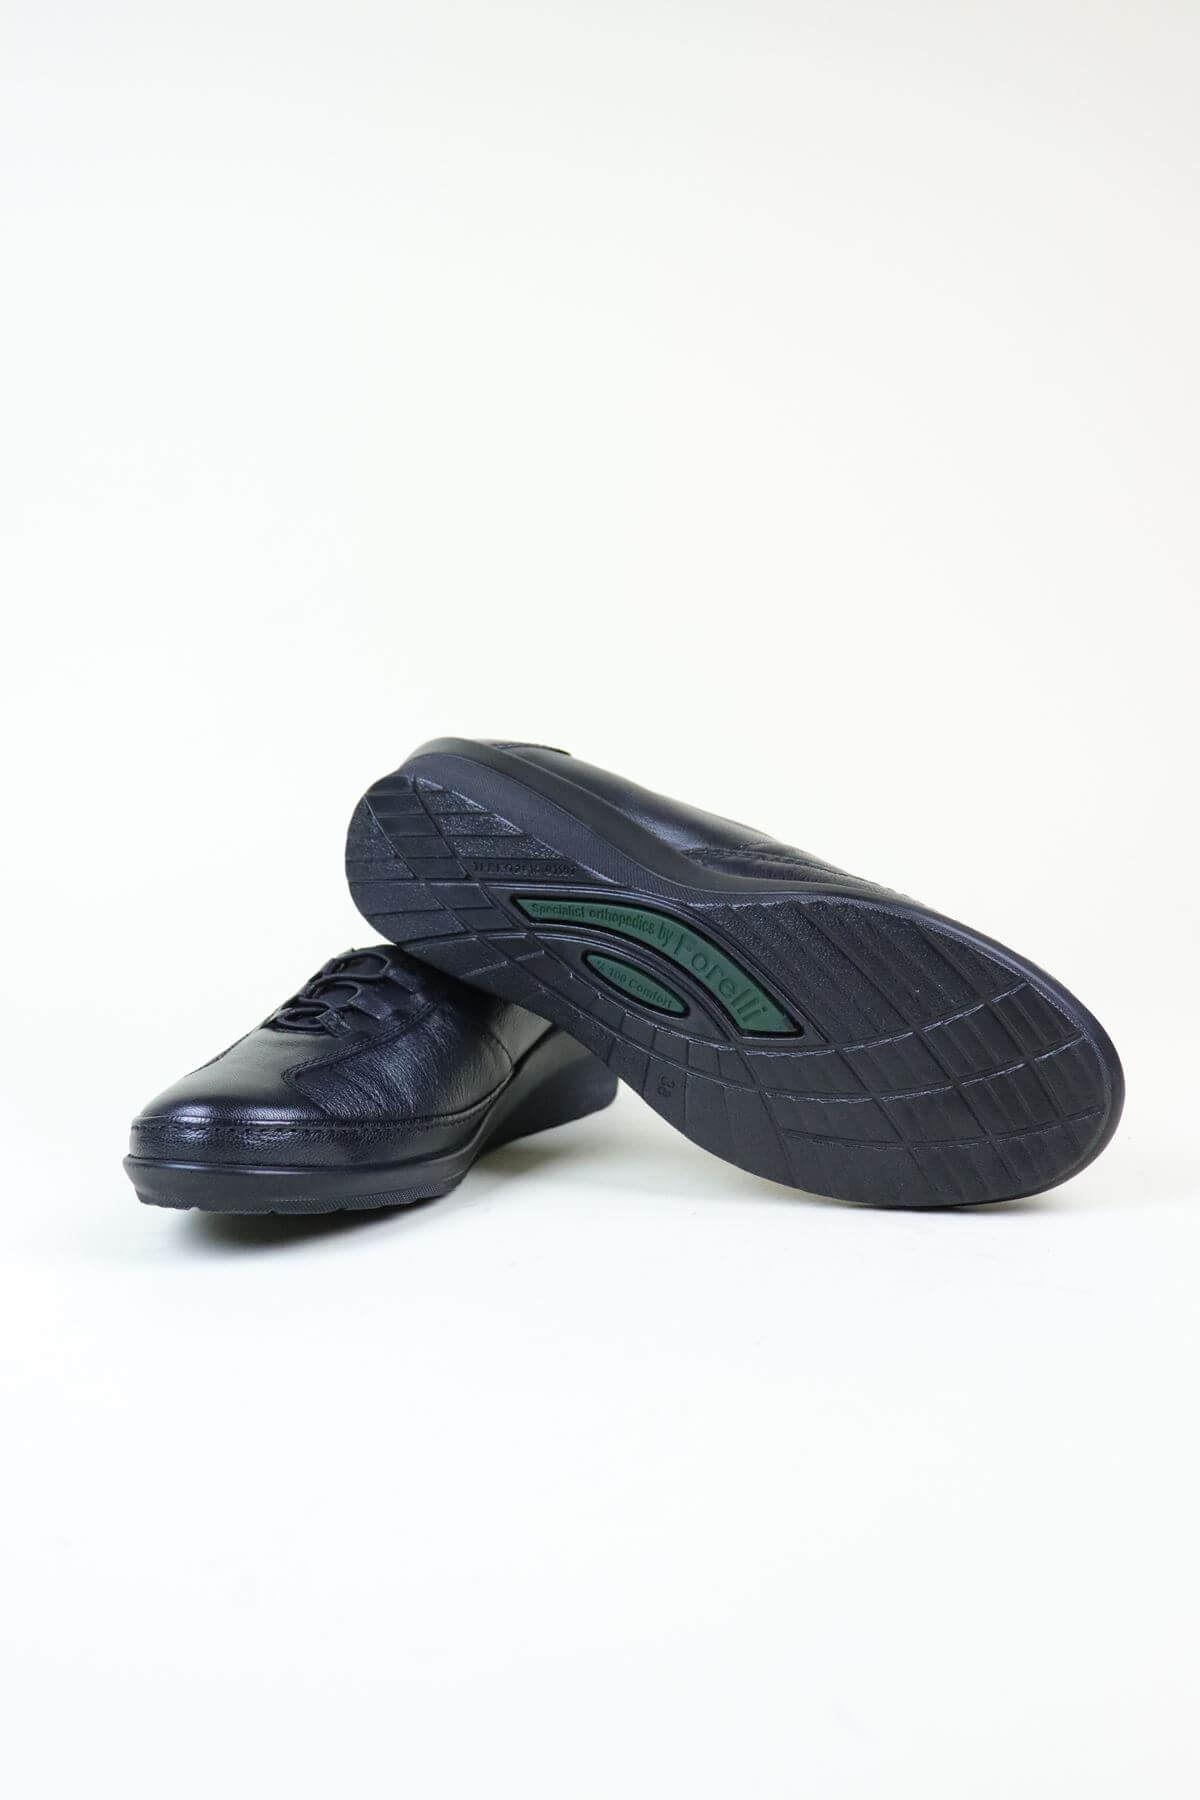 Forelli 26217 Ortapedik Siyah Kadın Ayakkabı